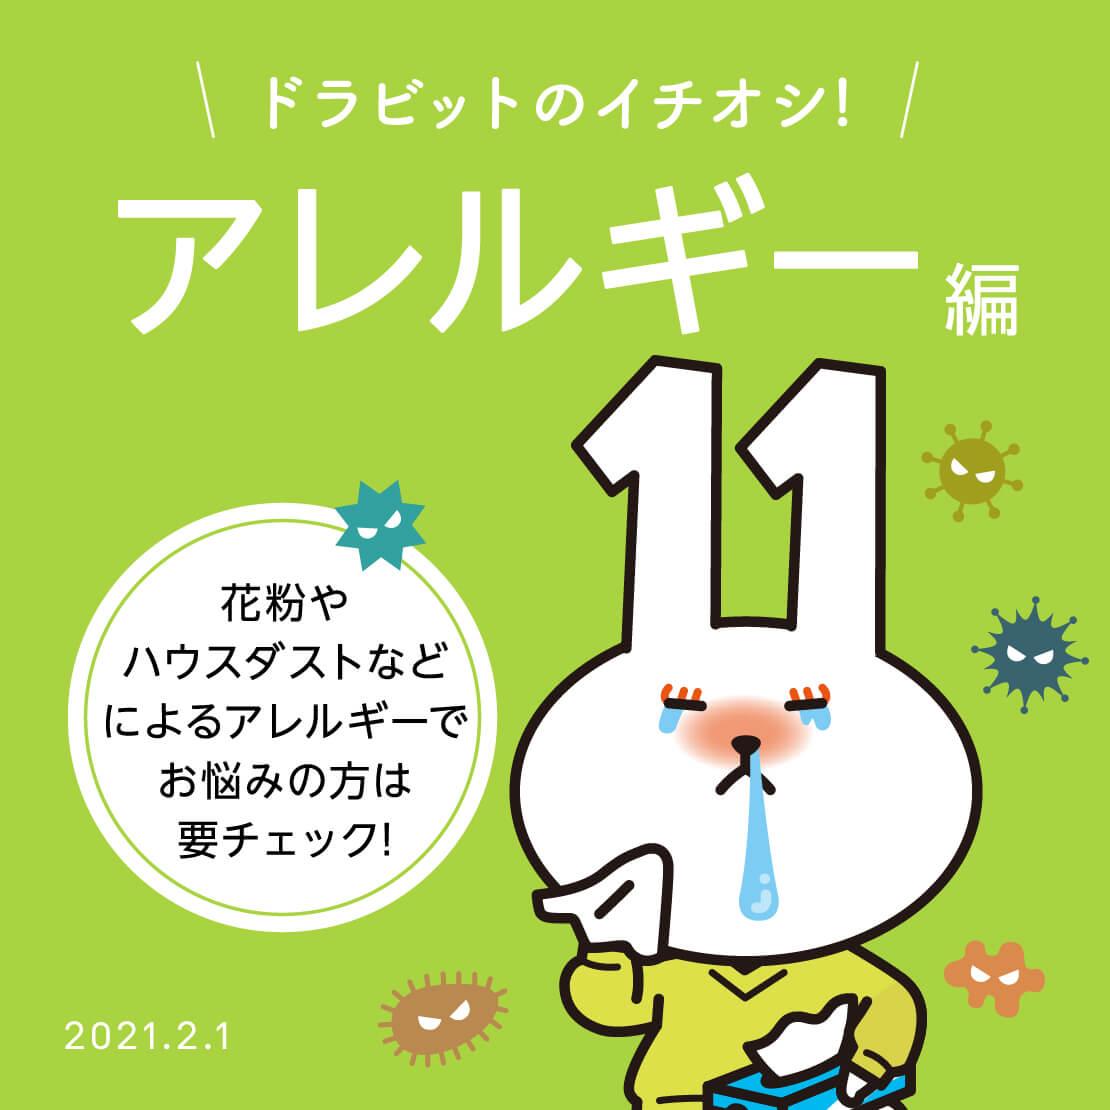 ドラビットのイチオシ!2月♪[アレルギー編]